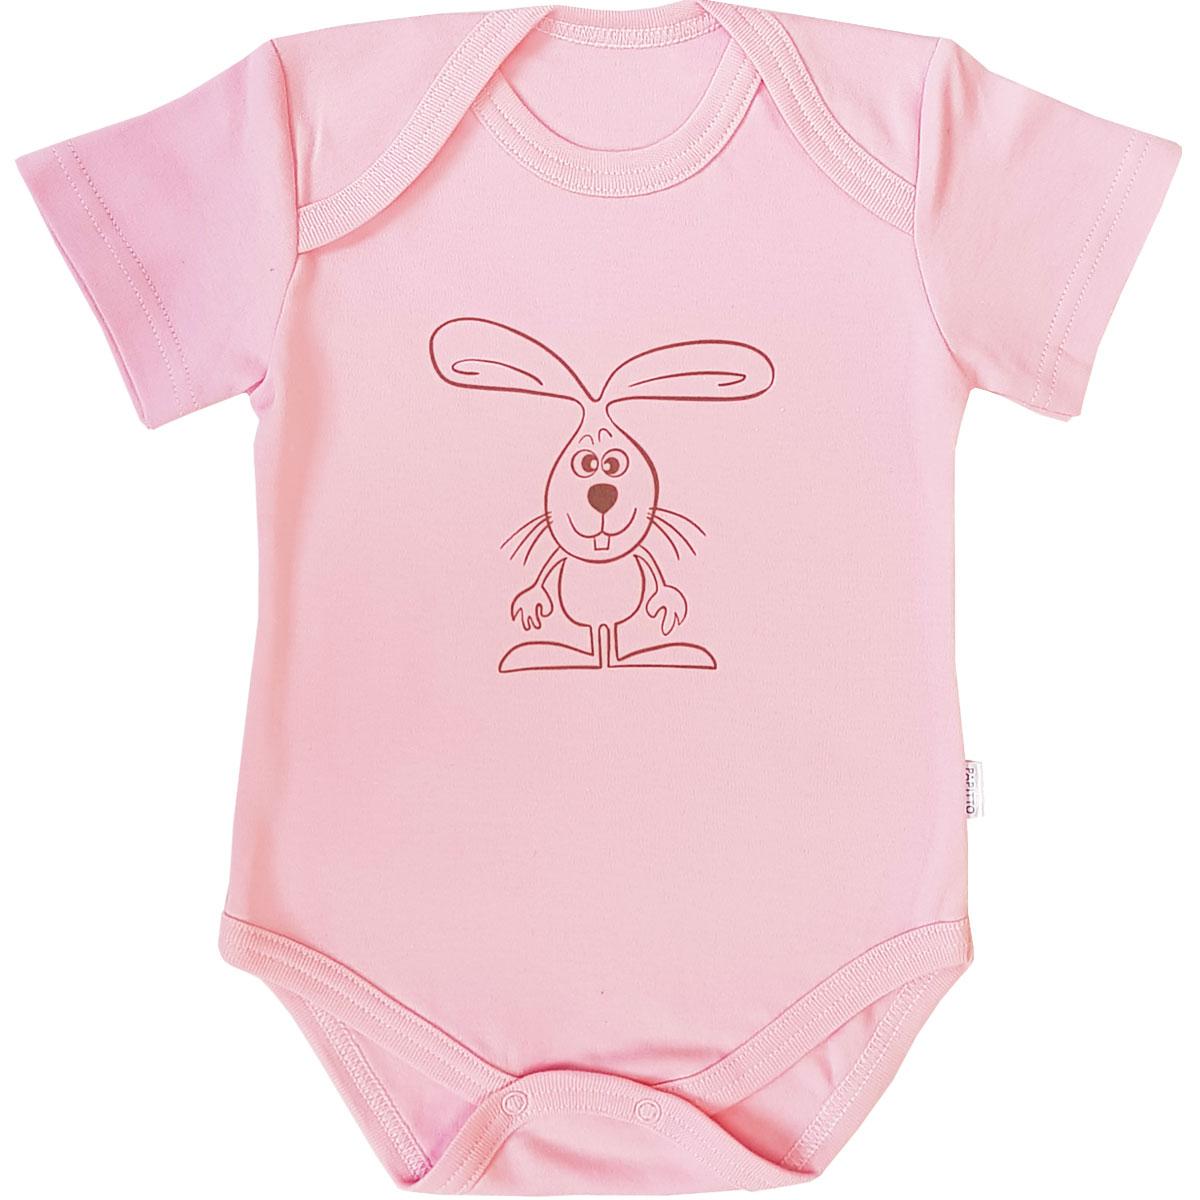 Купить Боди Папитто капелька Зайка, интерлок розовый р.24-86 37-817, Боди и песочники для малышей